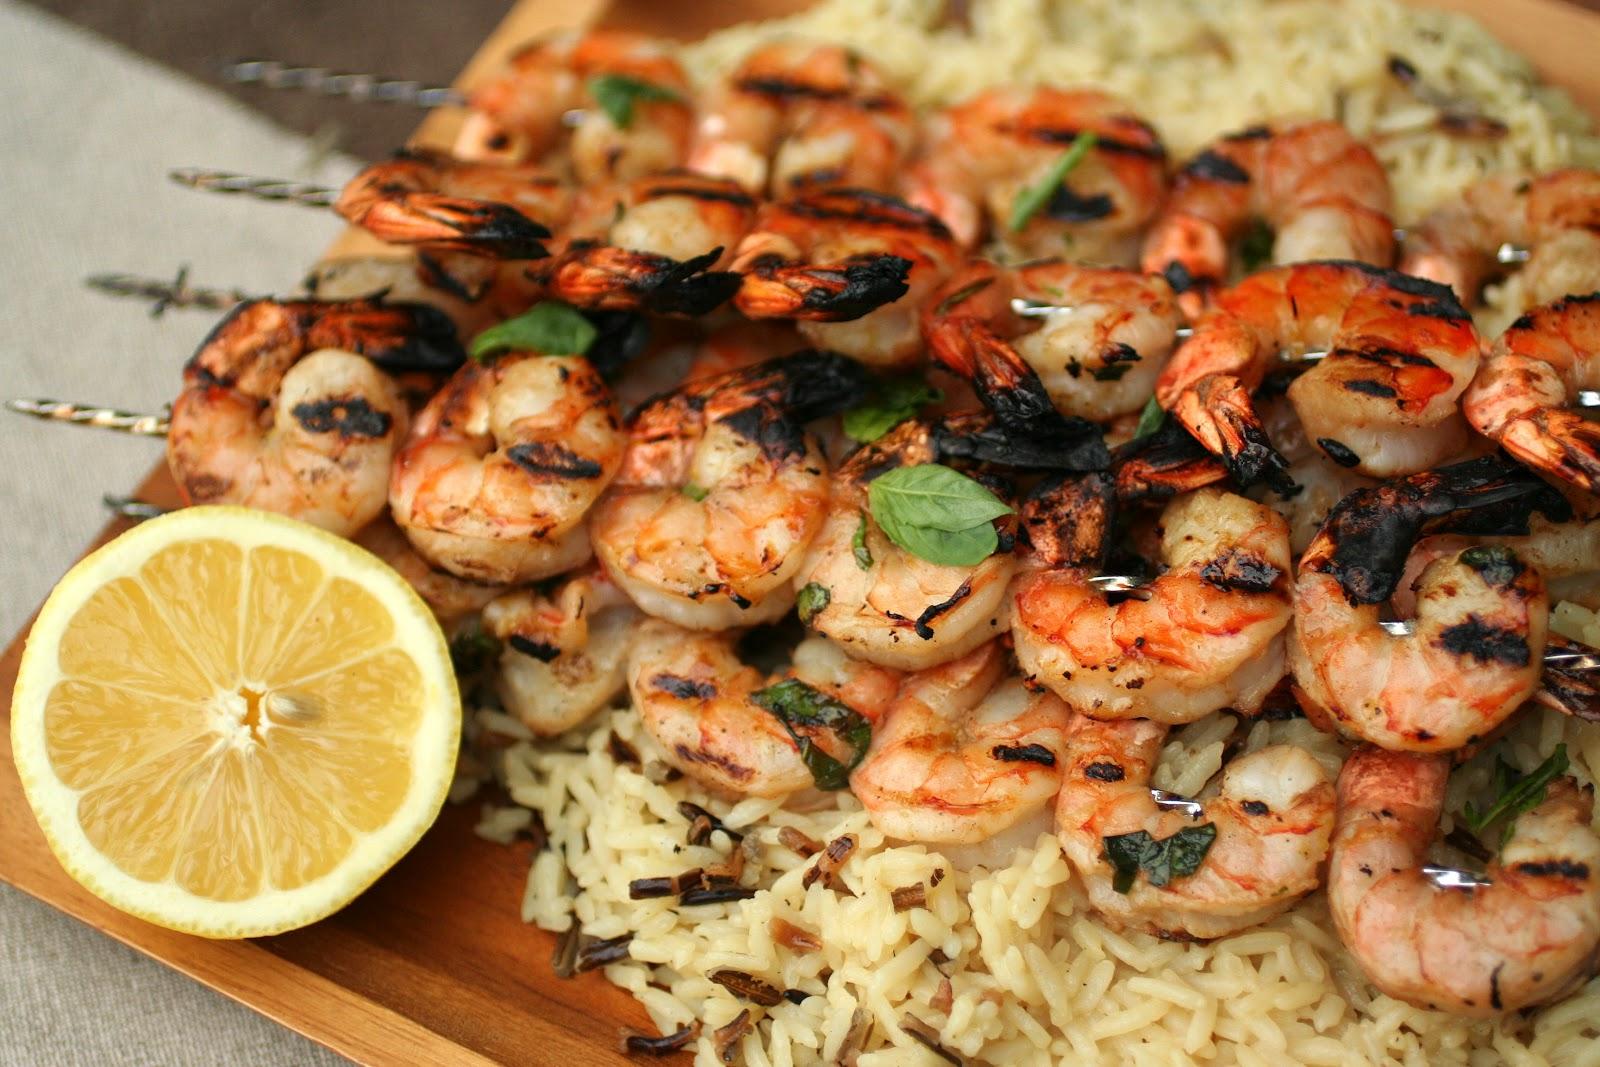 Meal Planning 101: Lemon Basil Grilled Shrimp